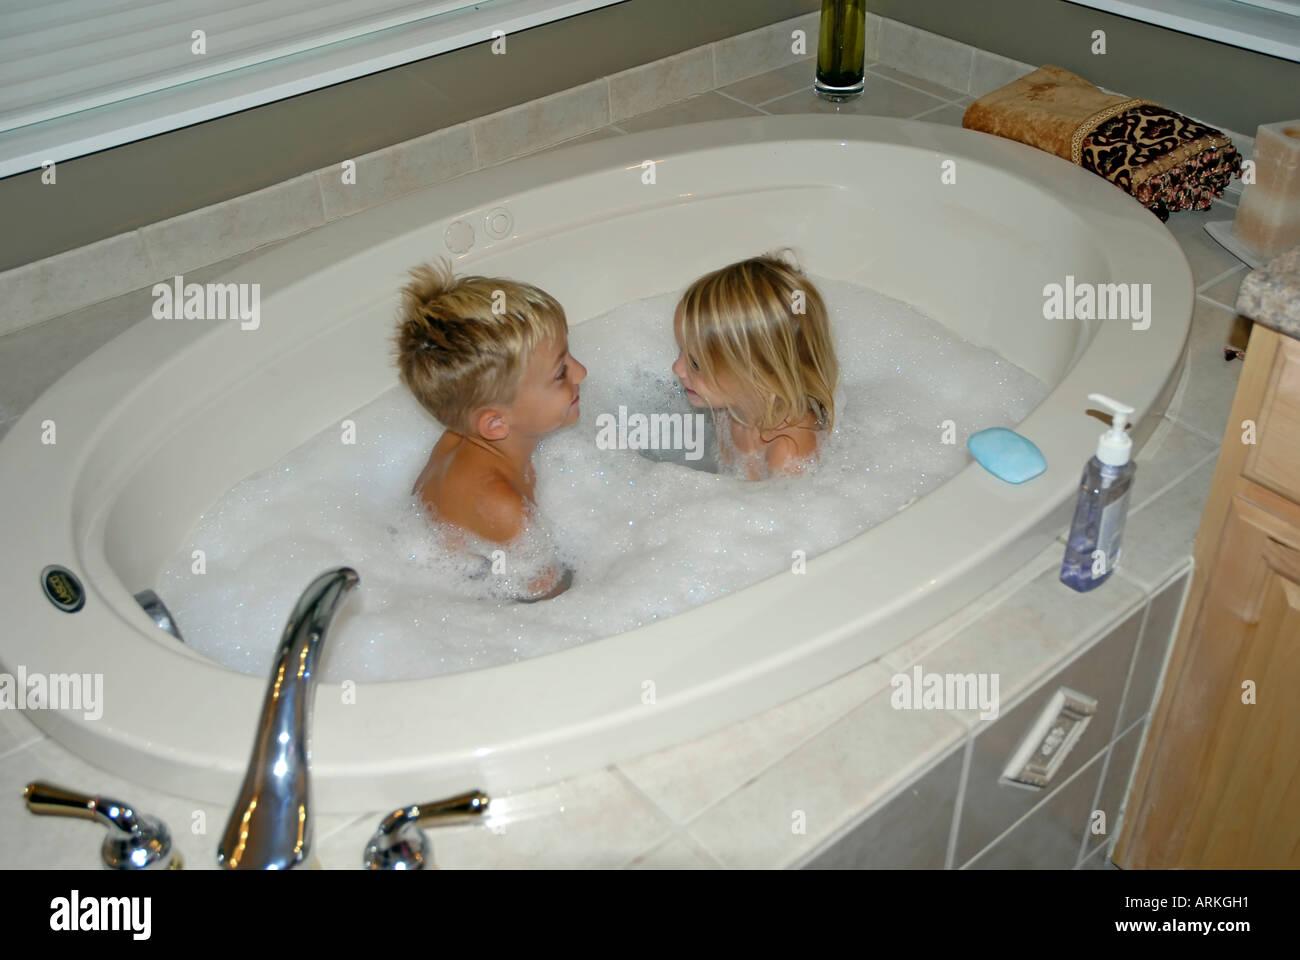 jeune petit fr re et s ur dans une baignoire pleine de. Black Bedroom Furniture Sets. Home Design Ideas